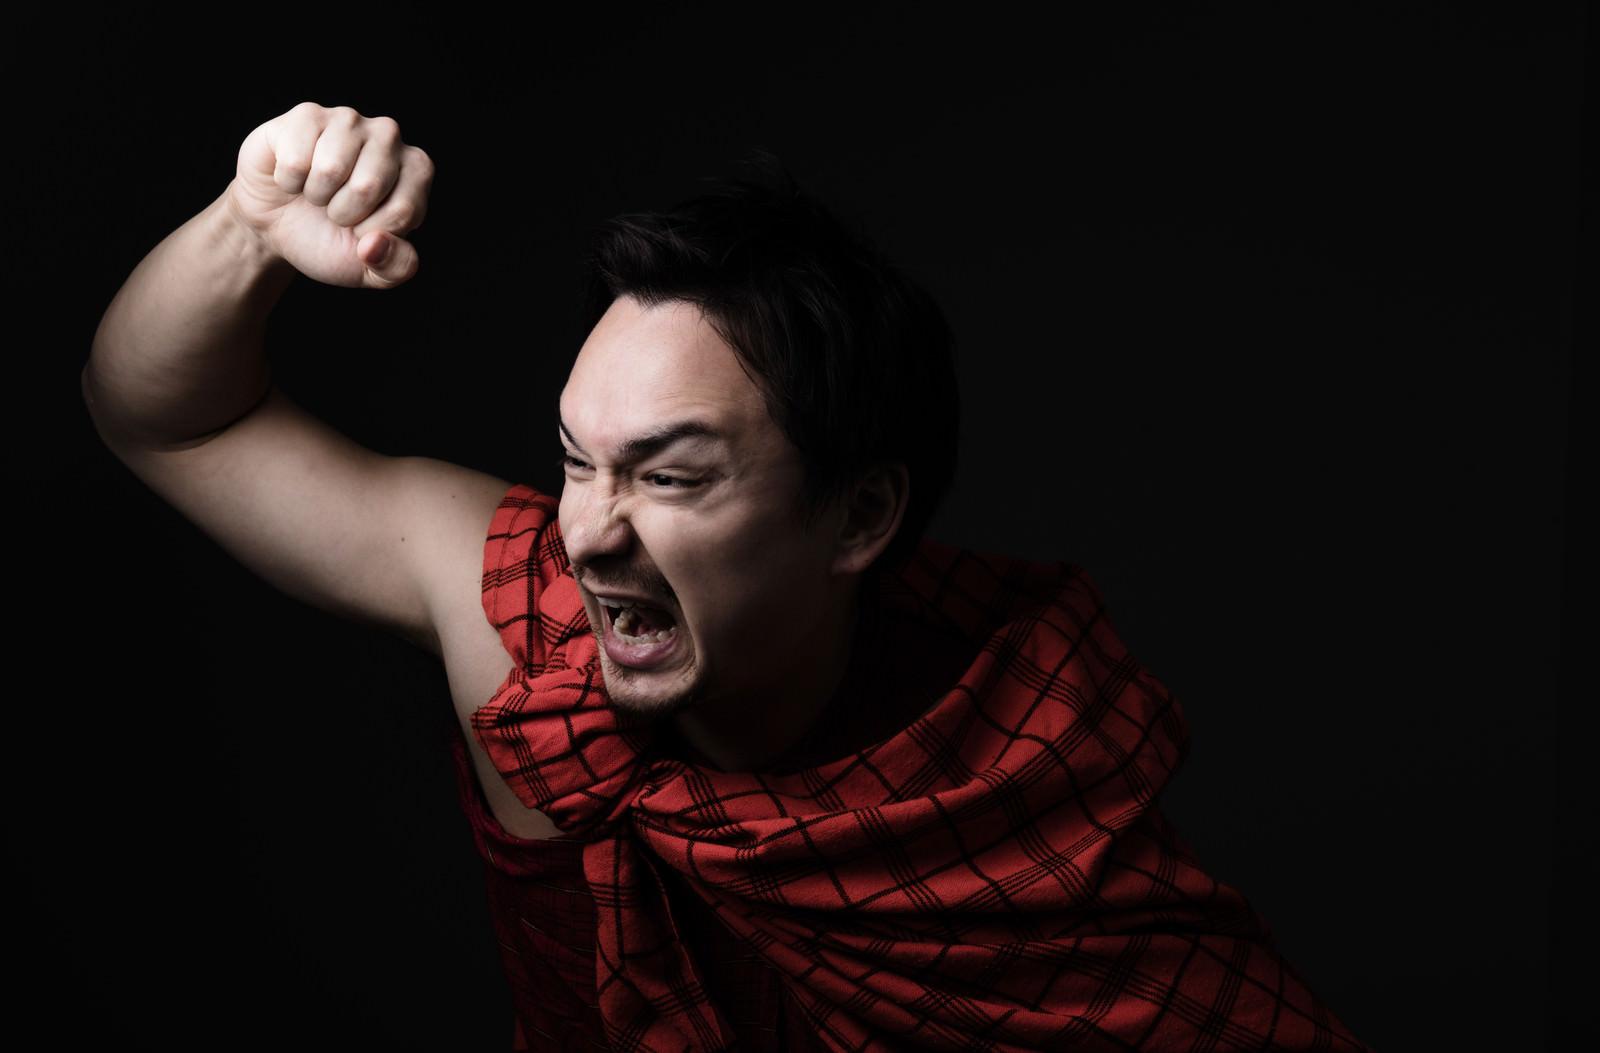 「民族衣装の男性が大声と共に突撃を選んできた」の写真[モデル:Max_Ezaki]